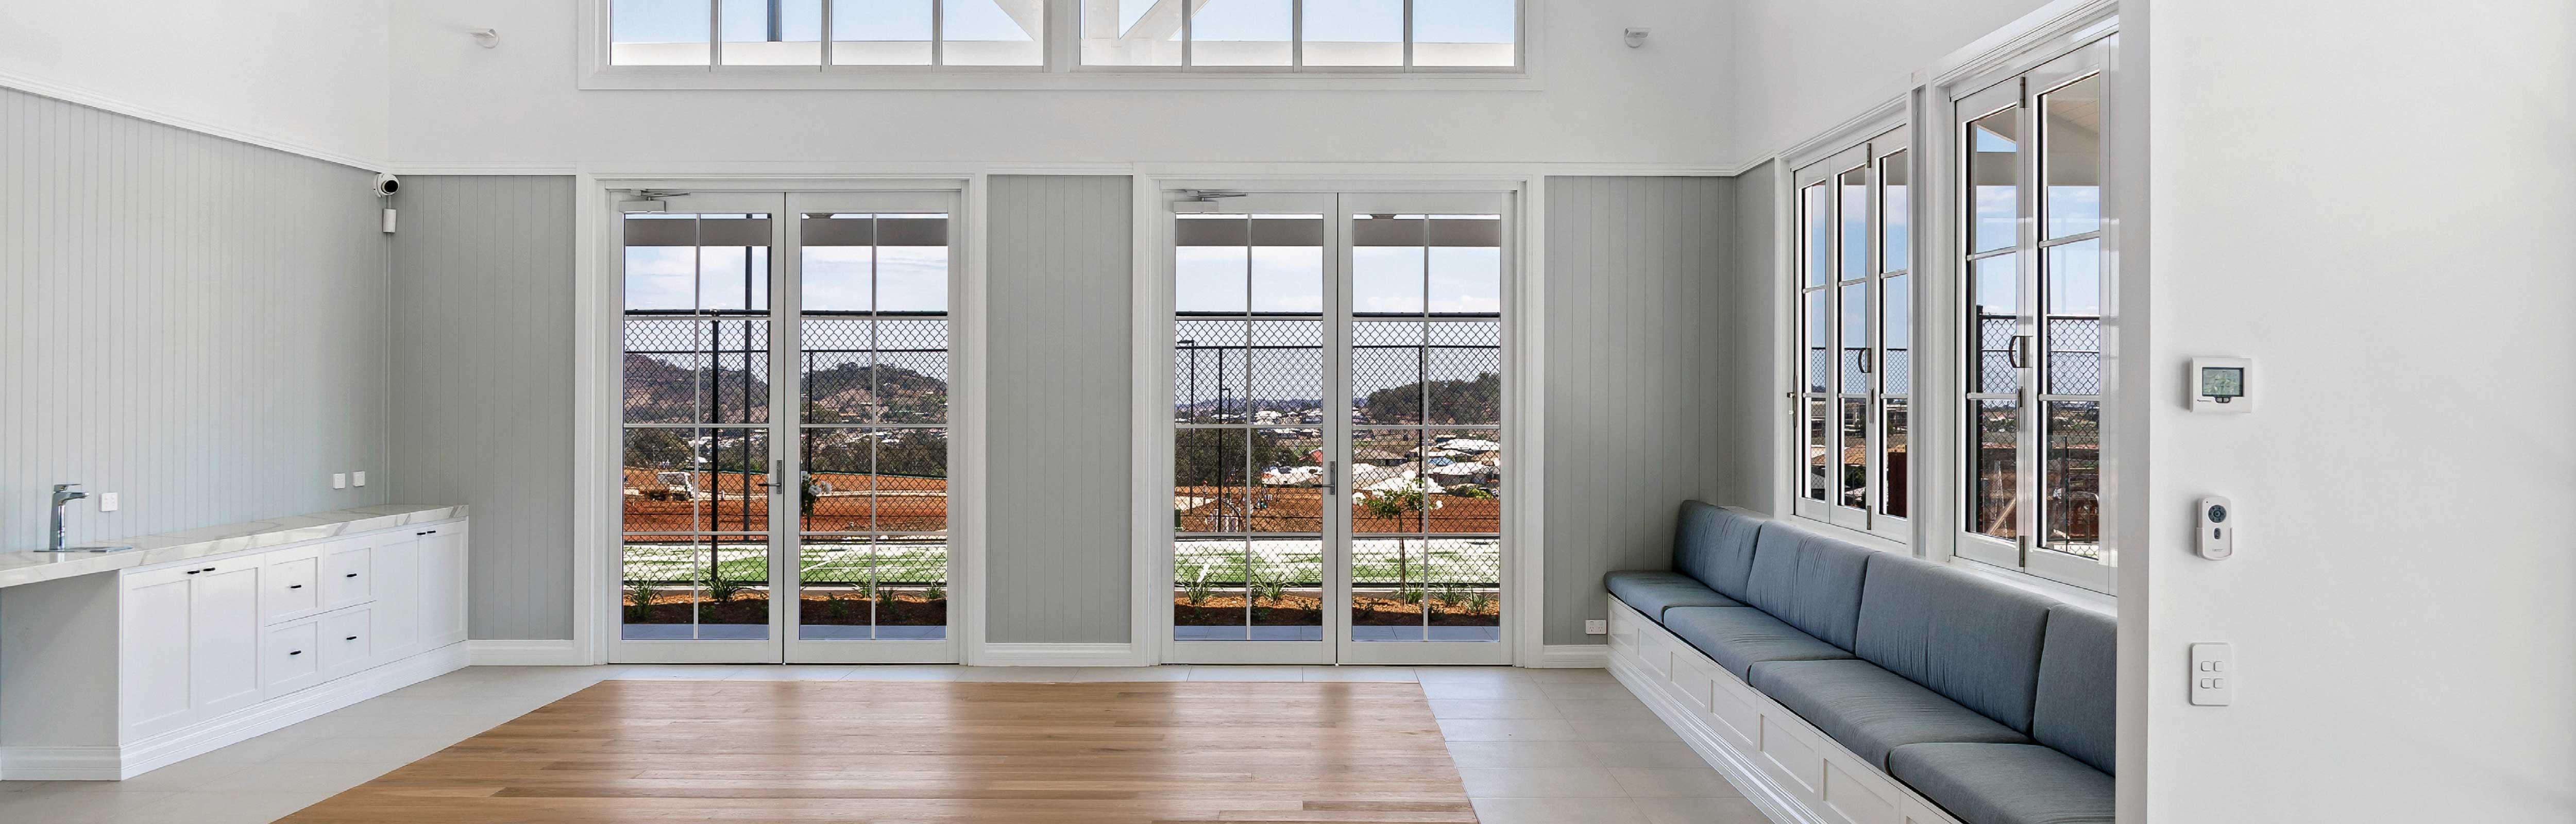 White Aluminium Hinged Doors with designer bars